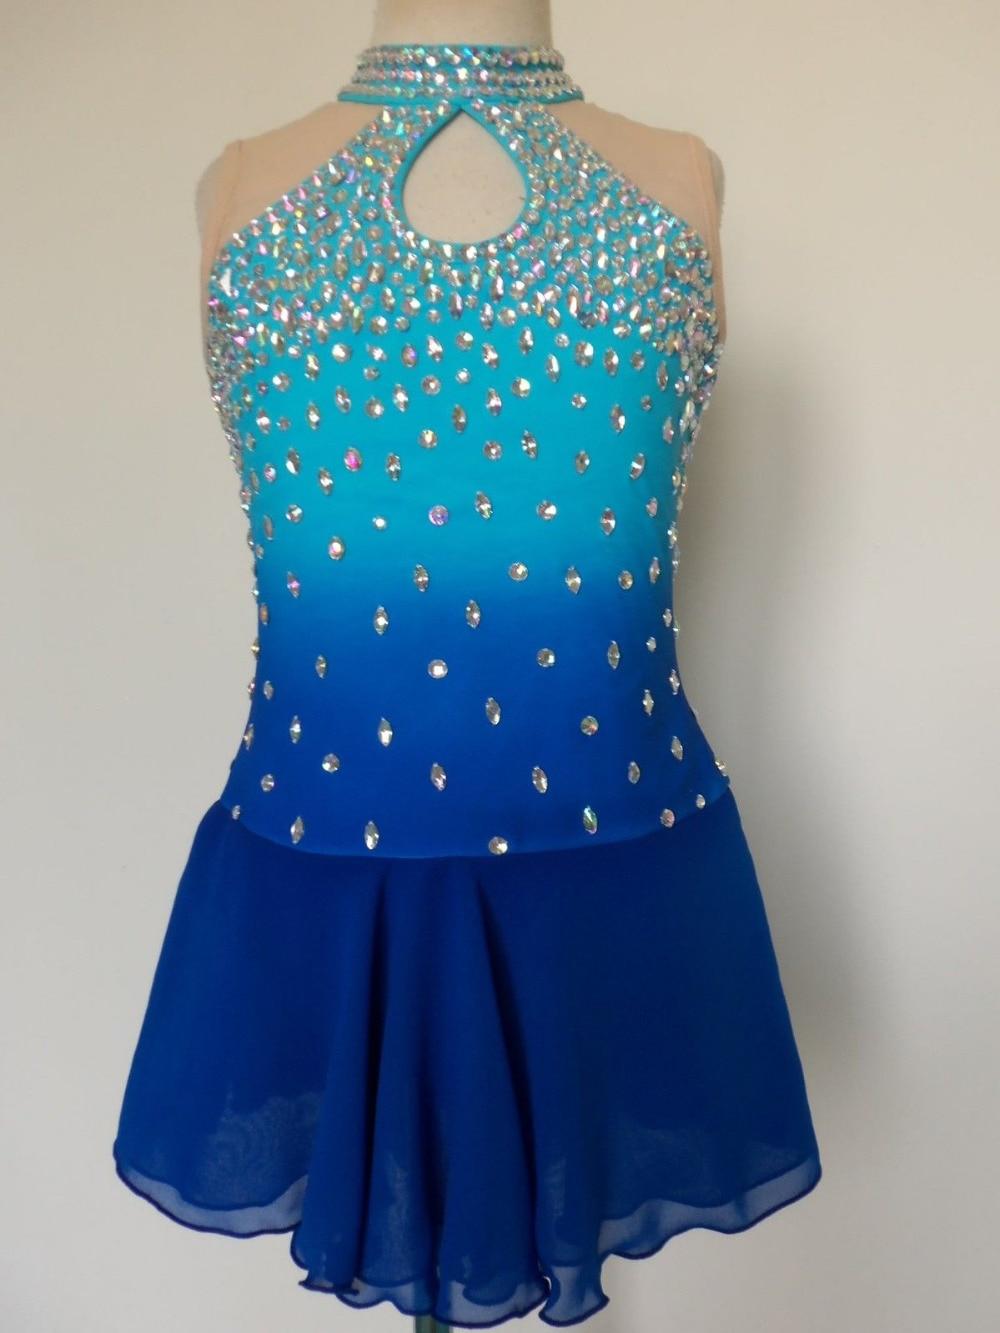 Blau eiskunstlauf kleider frauen wettbewerb eislaufen kleid ...